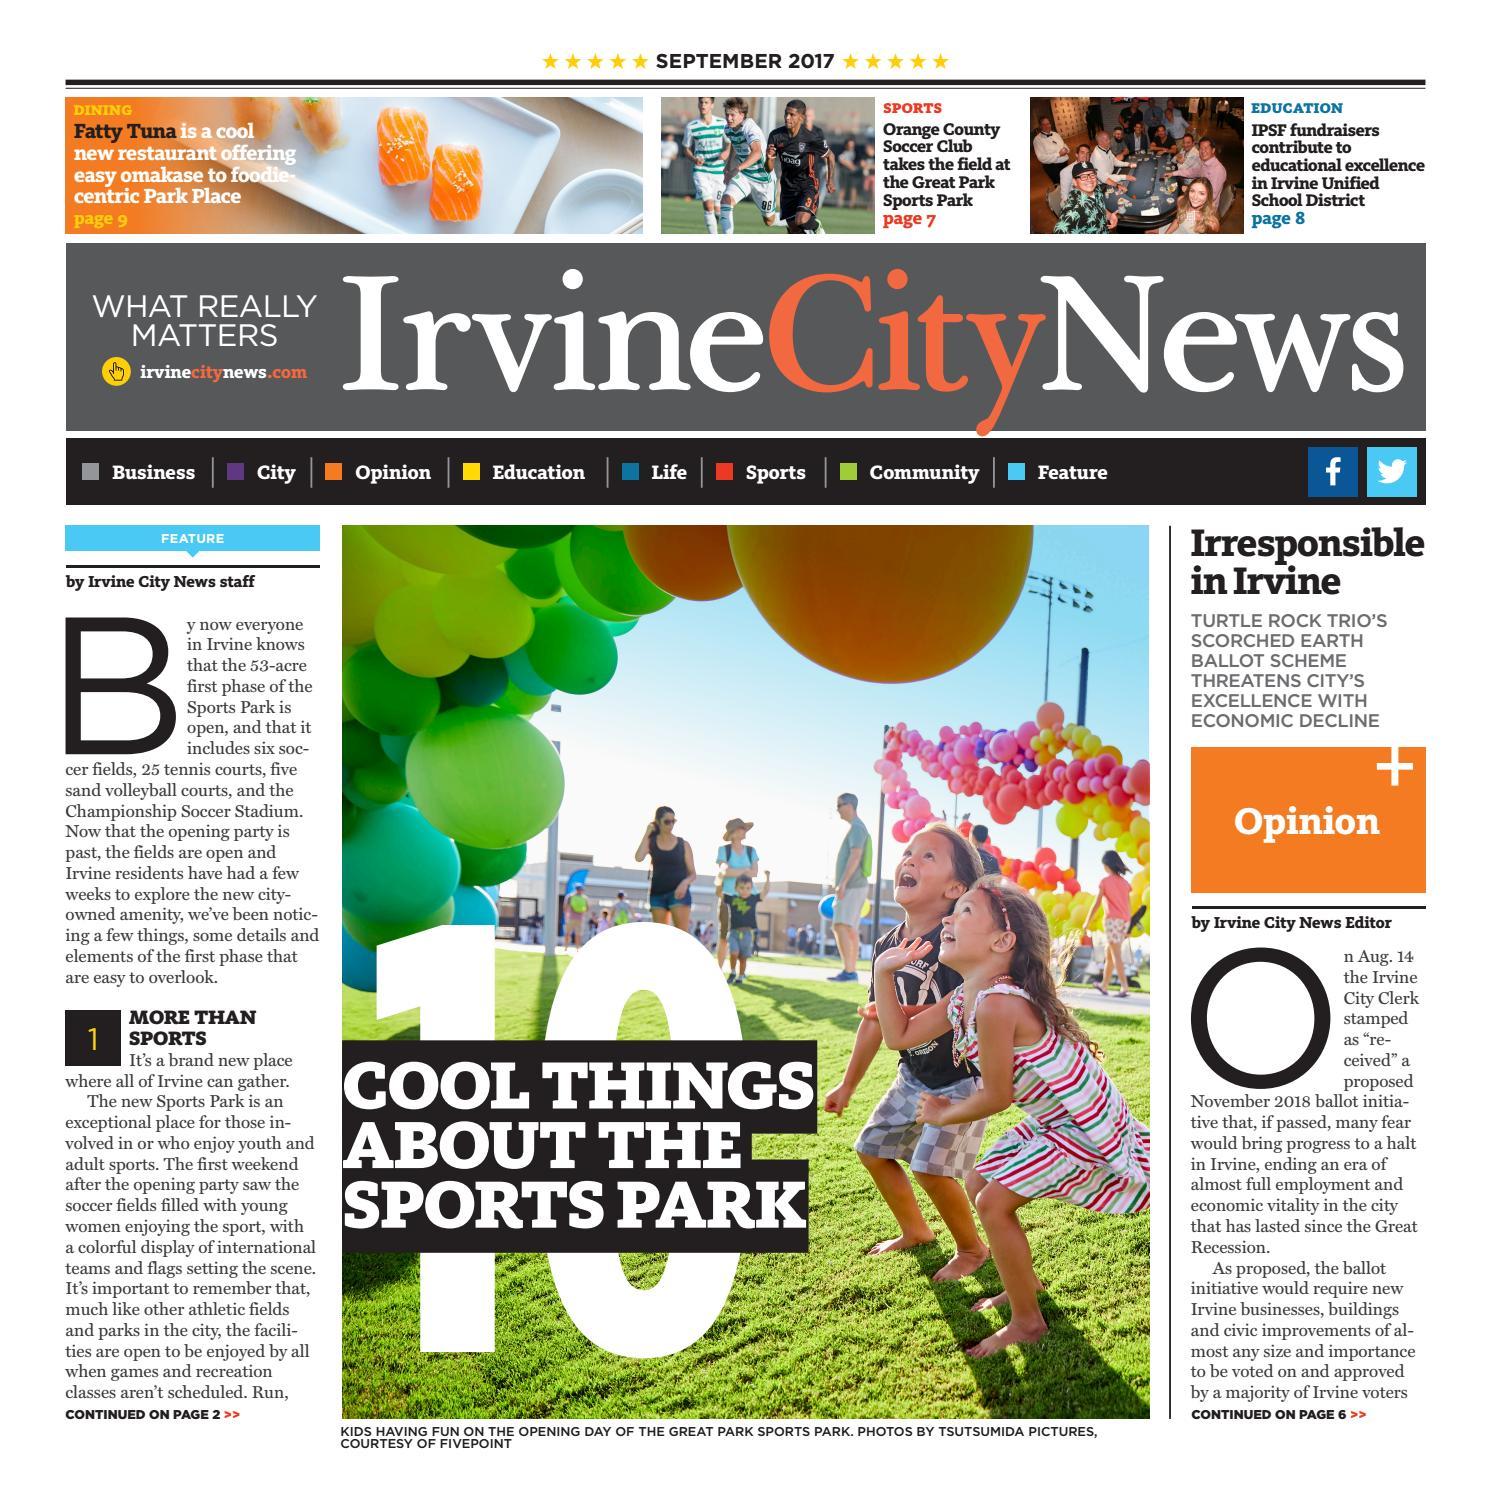 Irvine City News 9 2017 by Irvine City News - issuu